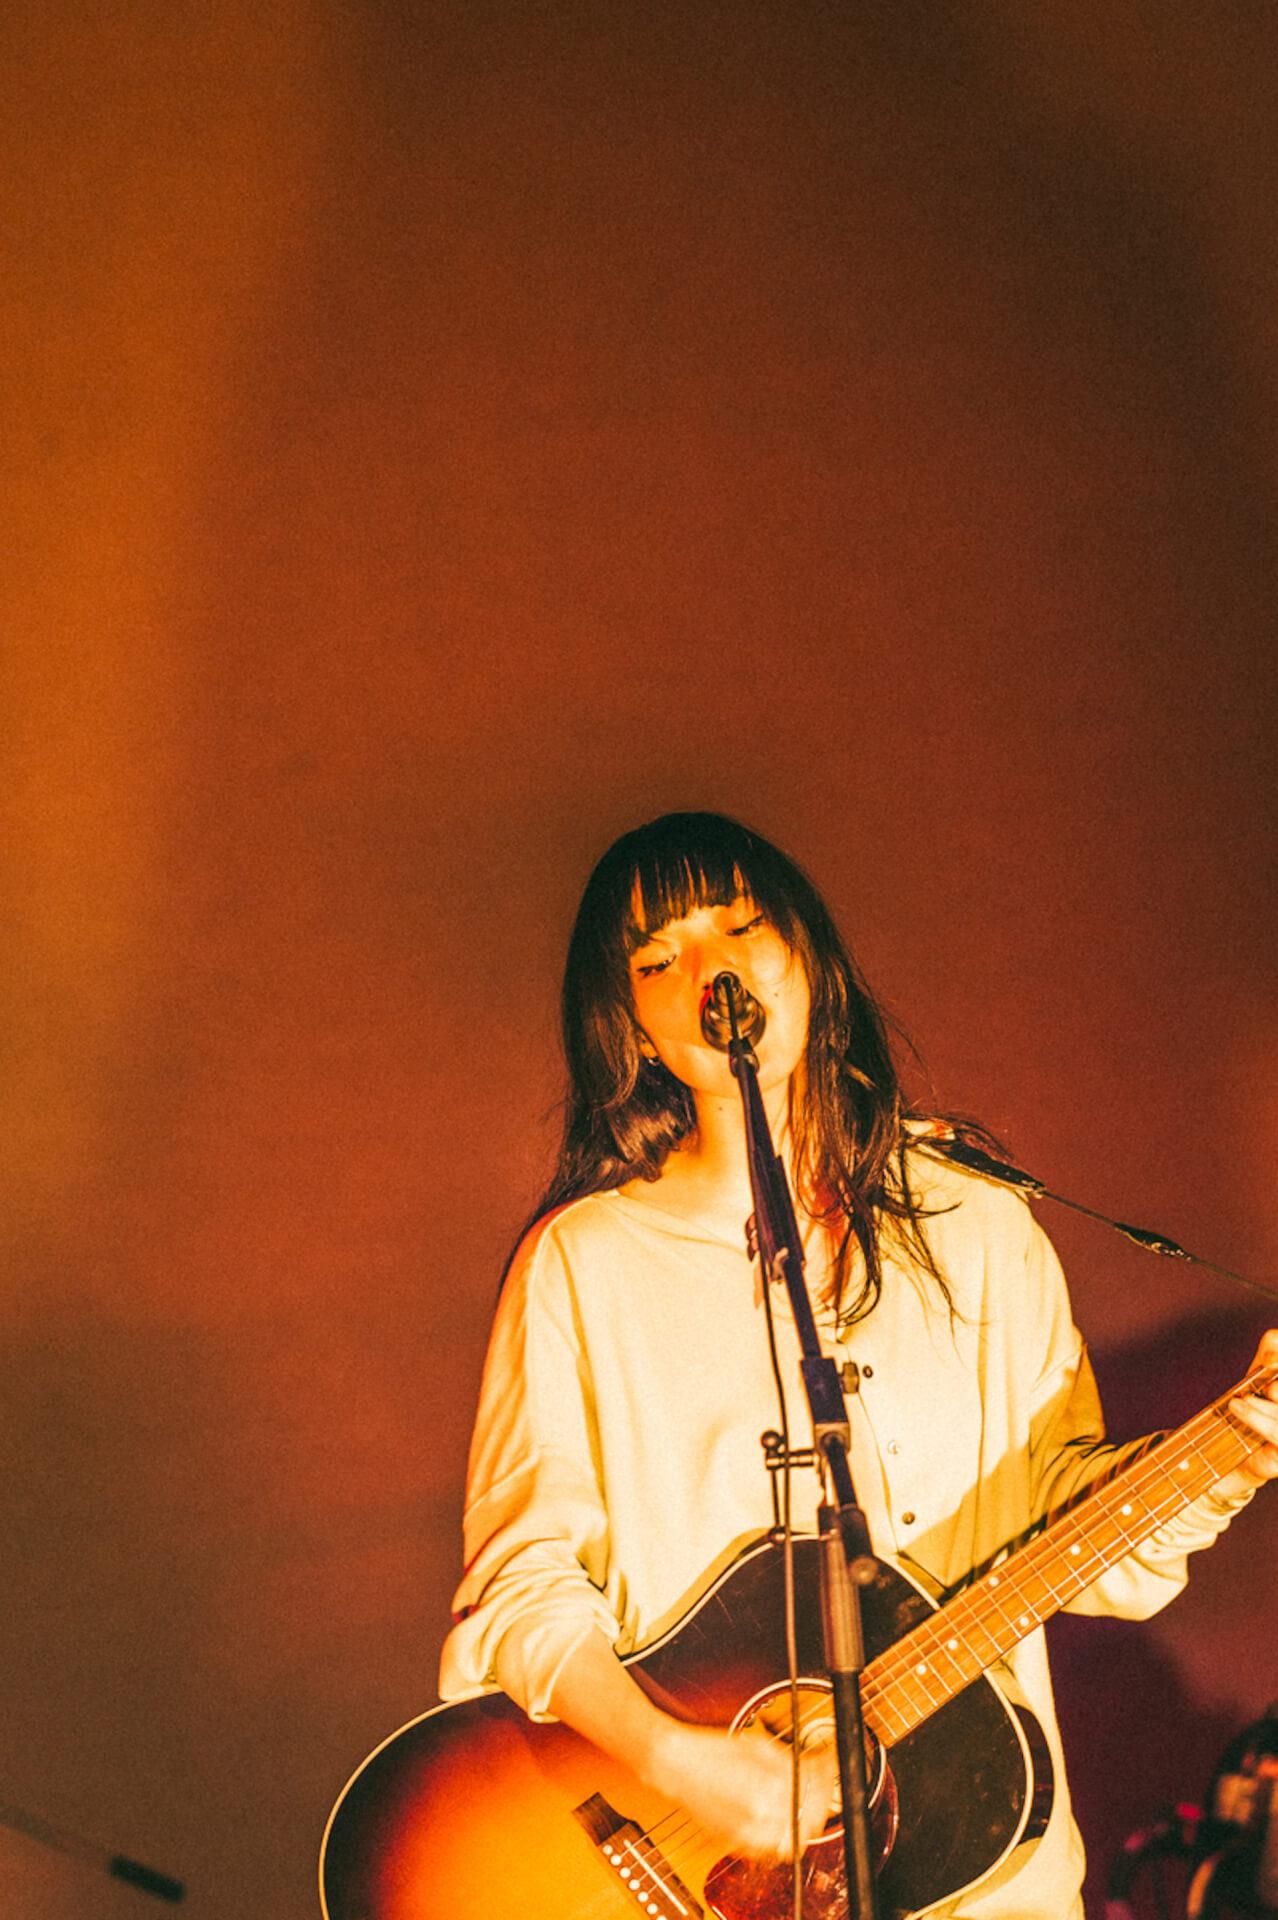 13,000人が大熱狂!あいみょん<AIMYON TOUR 2019 -SIXTH SENSE STORY->最終公演のライブレポートが到着 music191219_aimyon_live_5